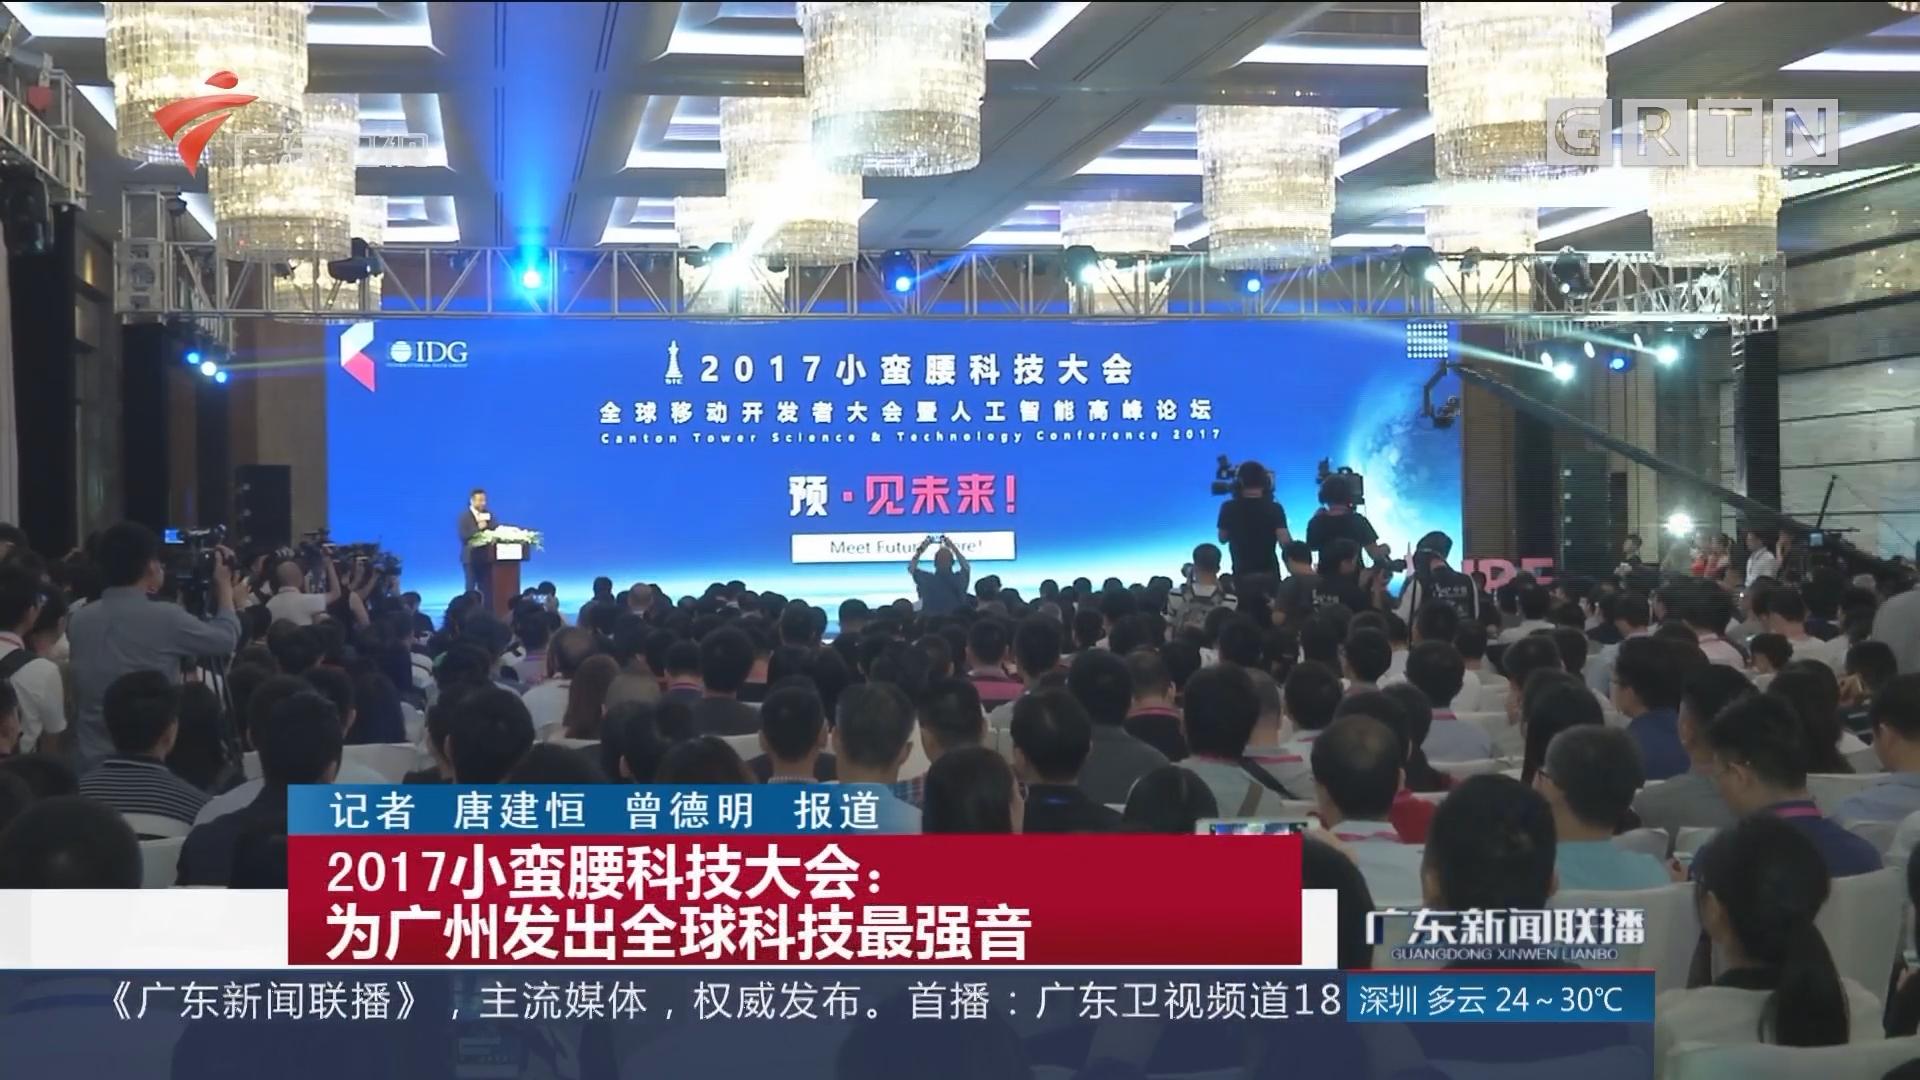 2017小蛮腰科技大会:为广州发出全球科技最强音